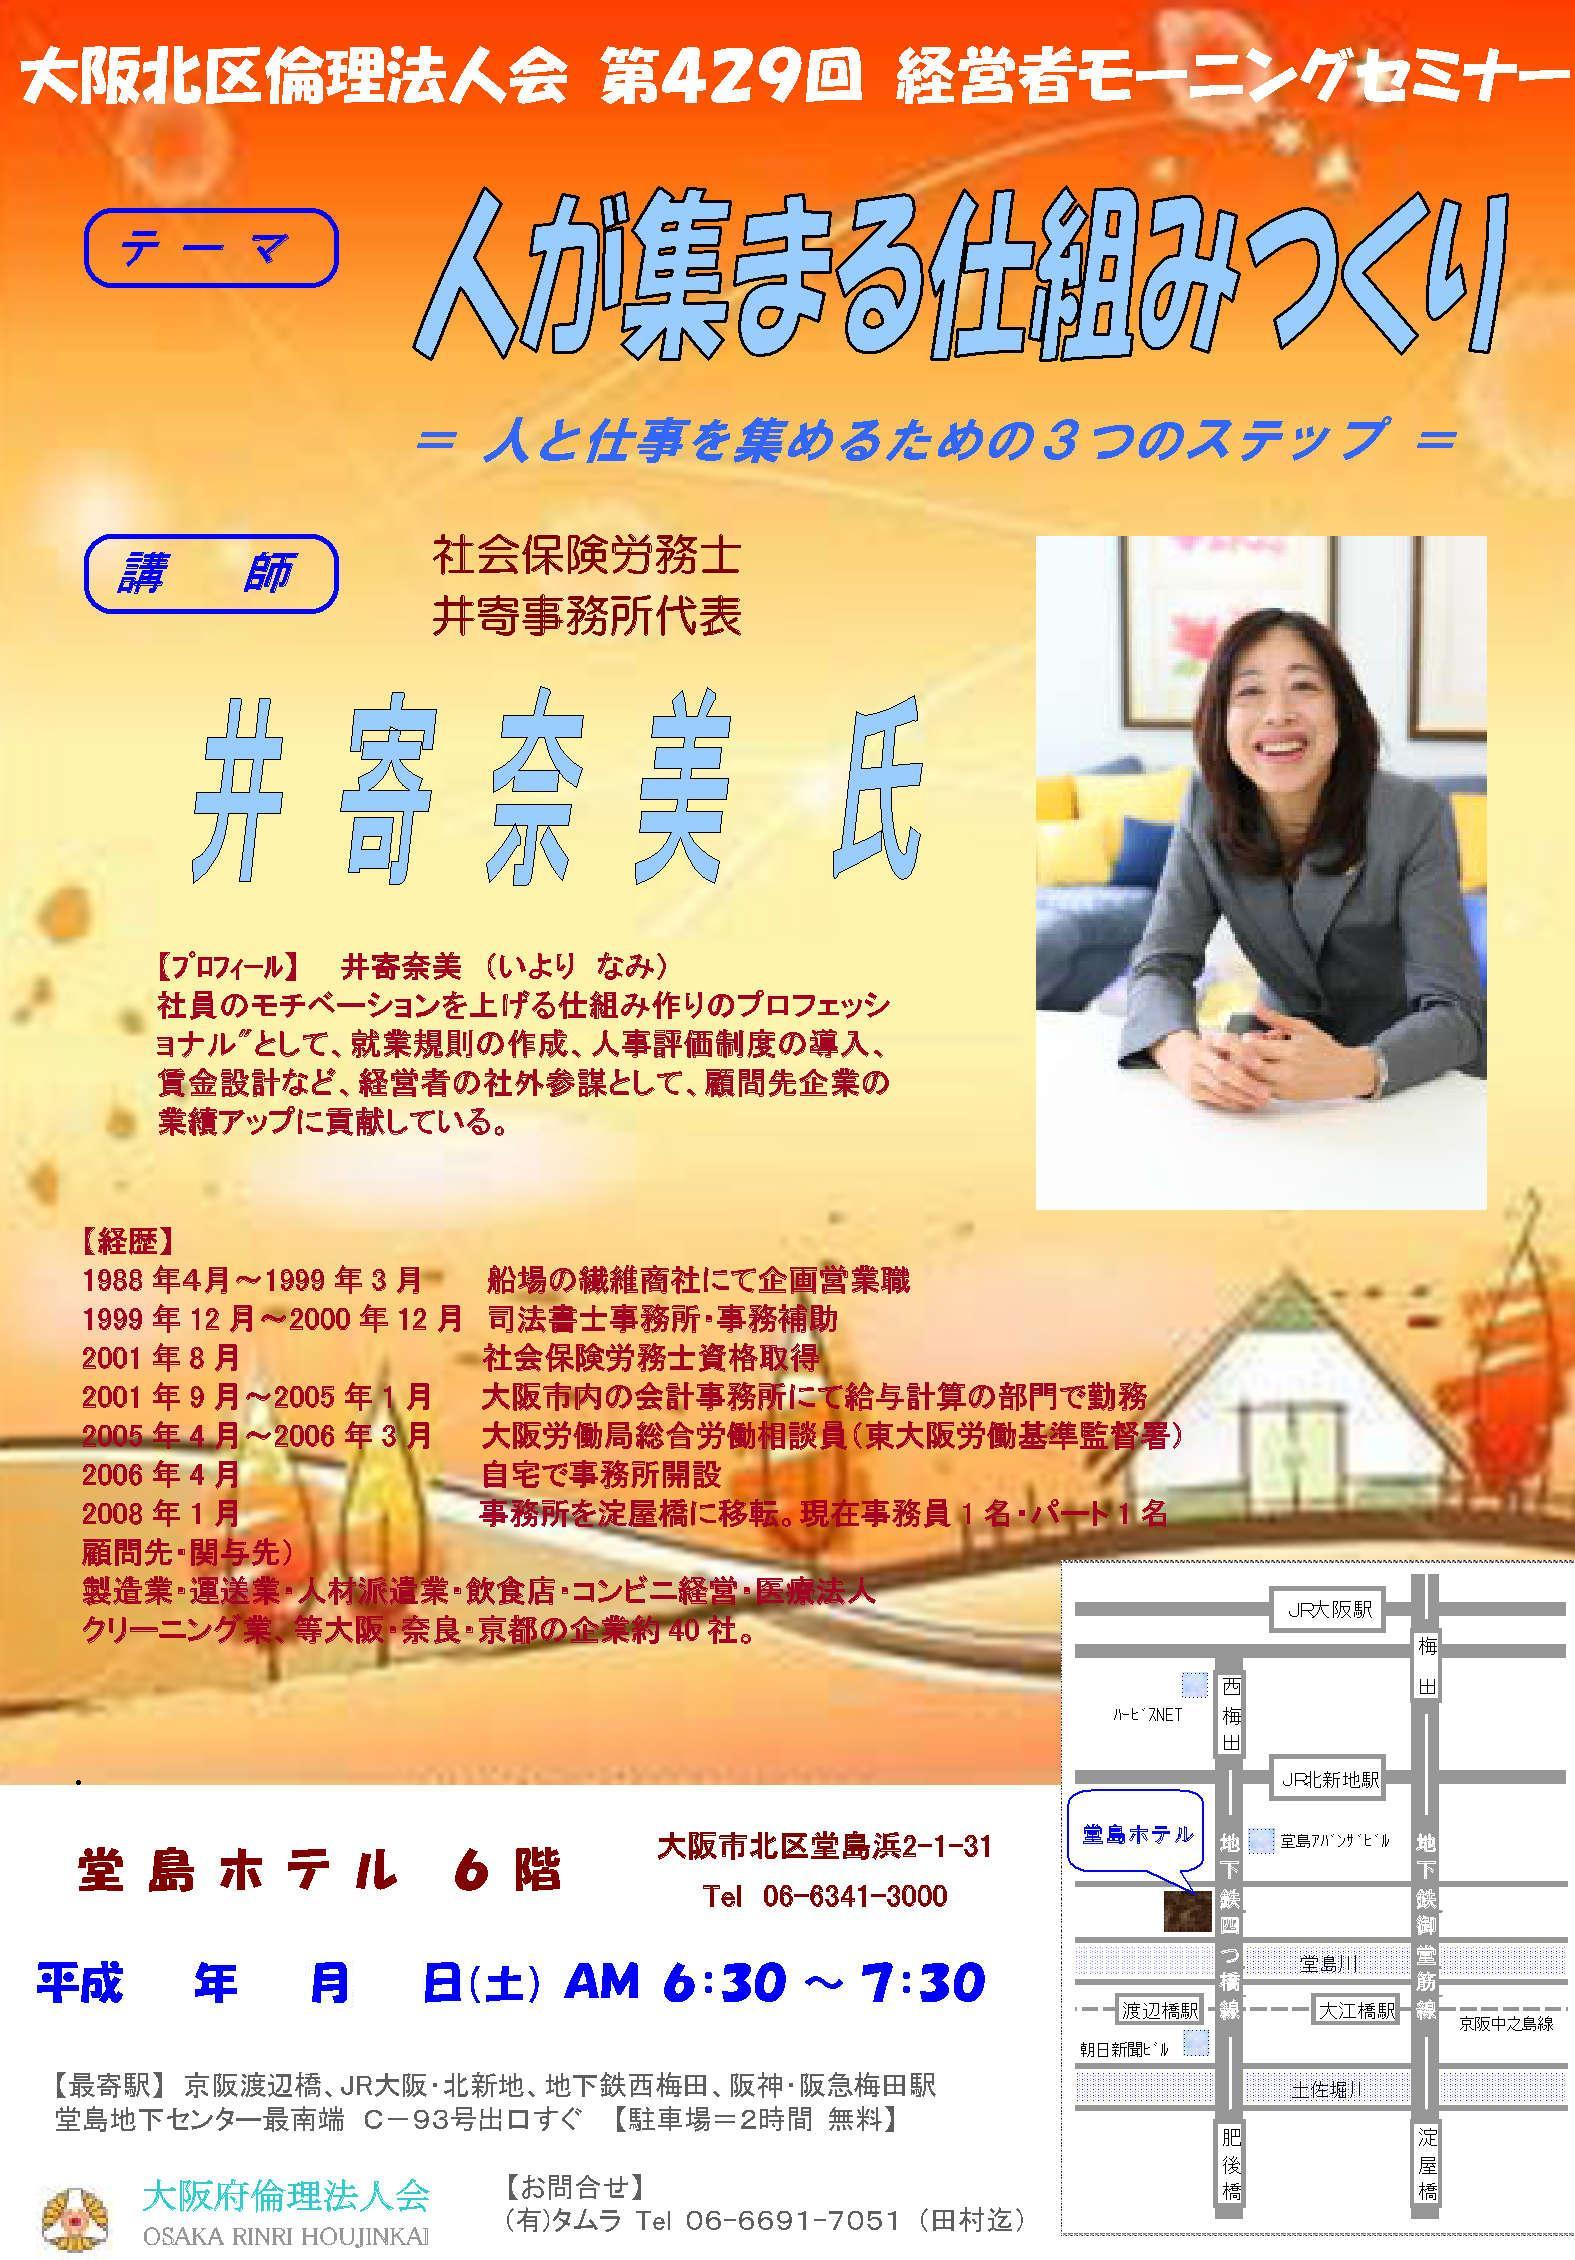 社労士 井寄奈美先生のセミナーです。_d0085634_1244568.jpg